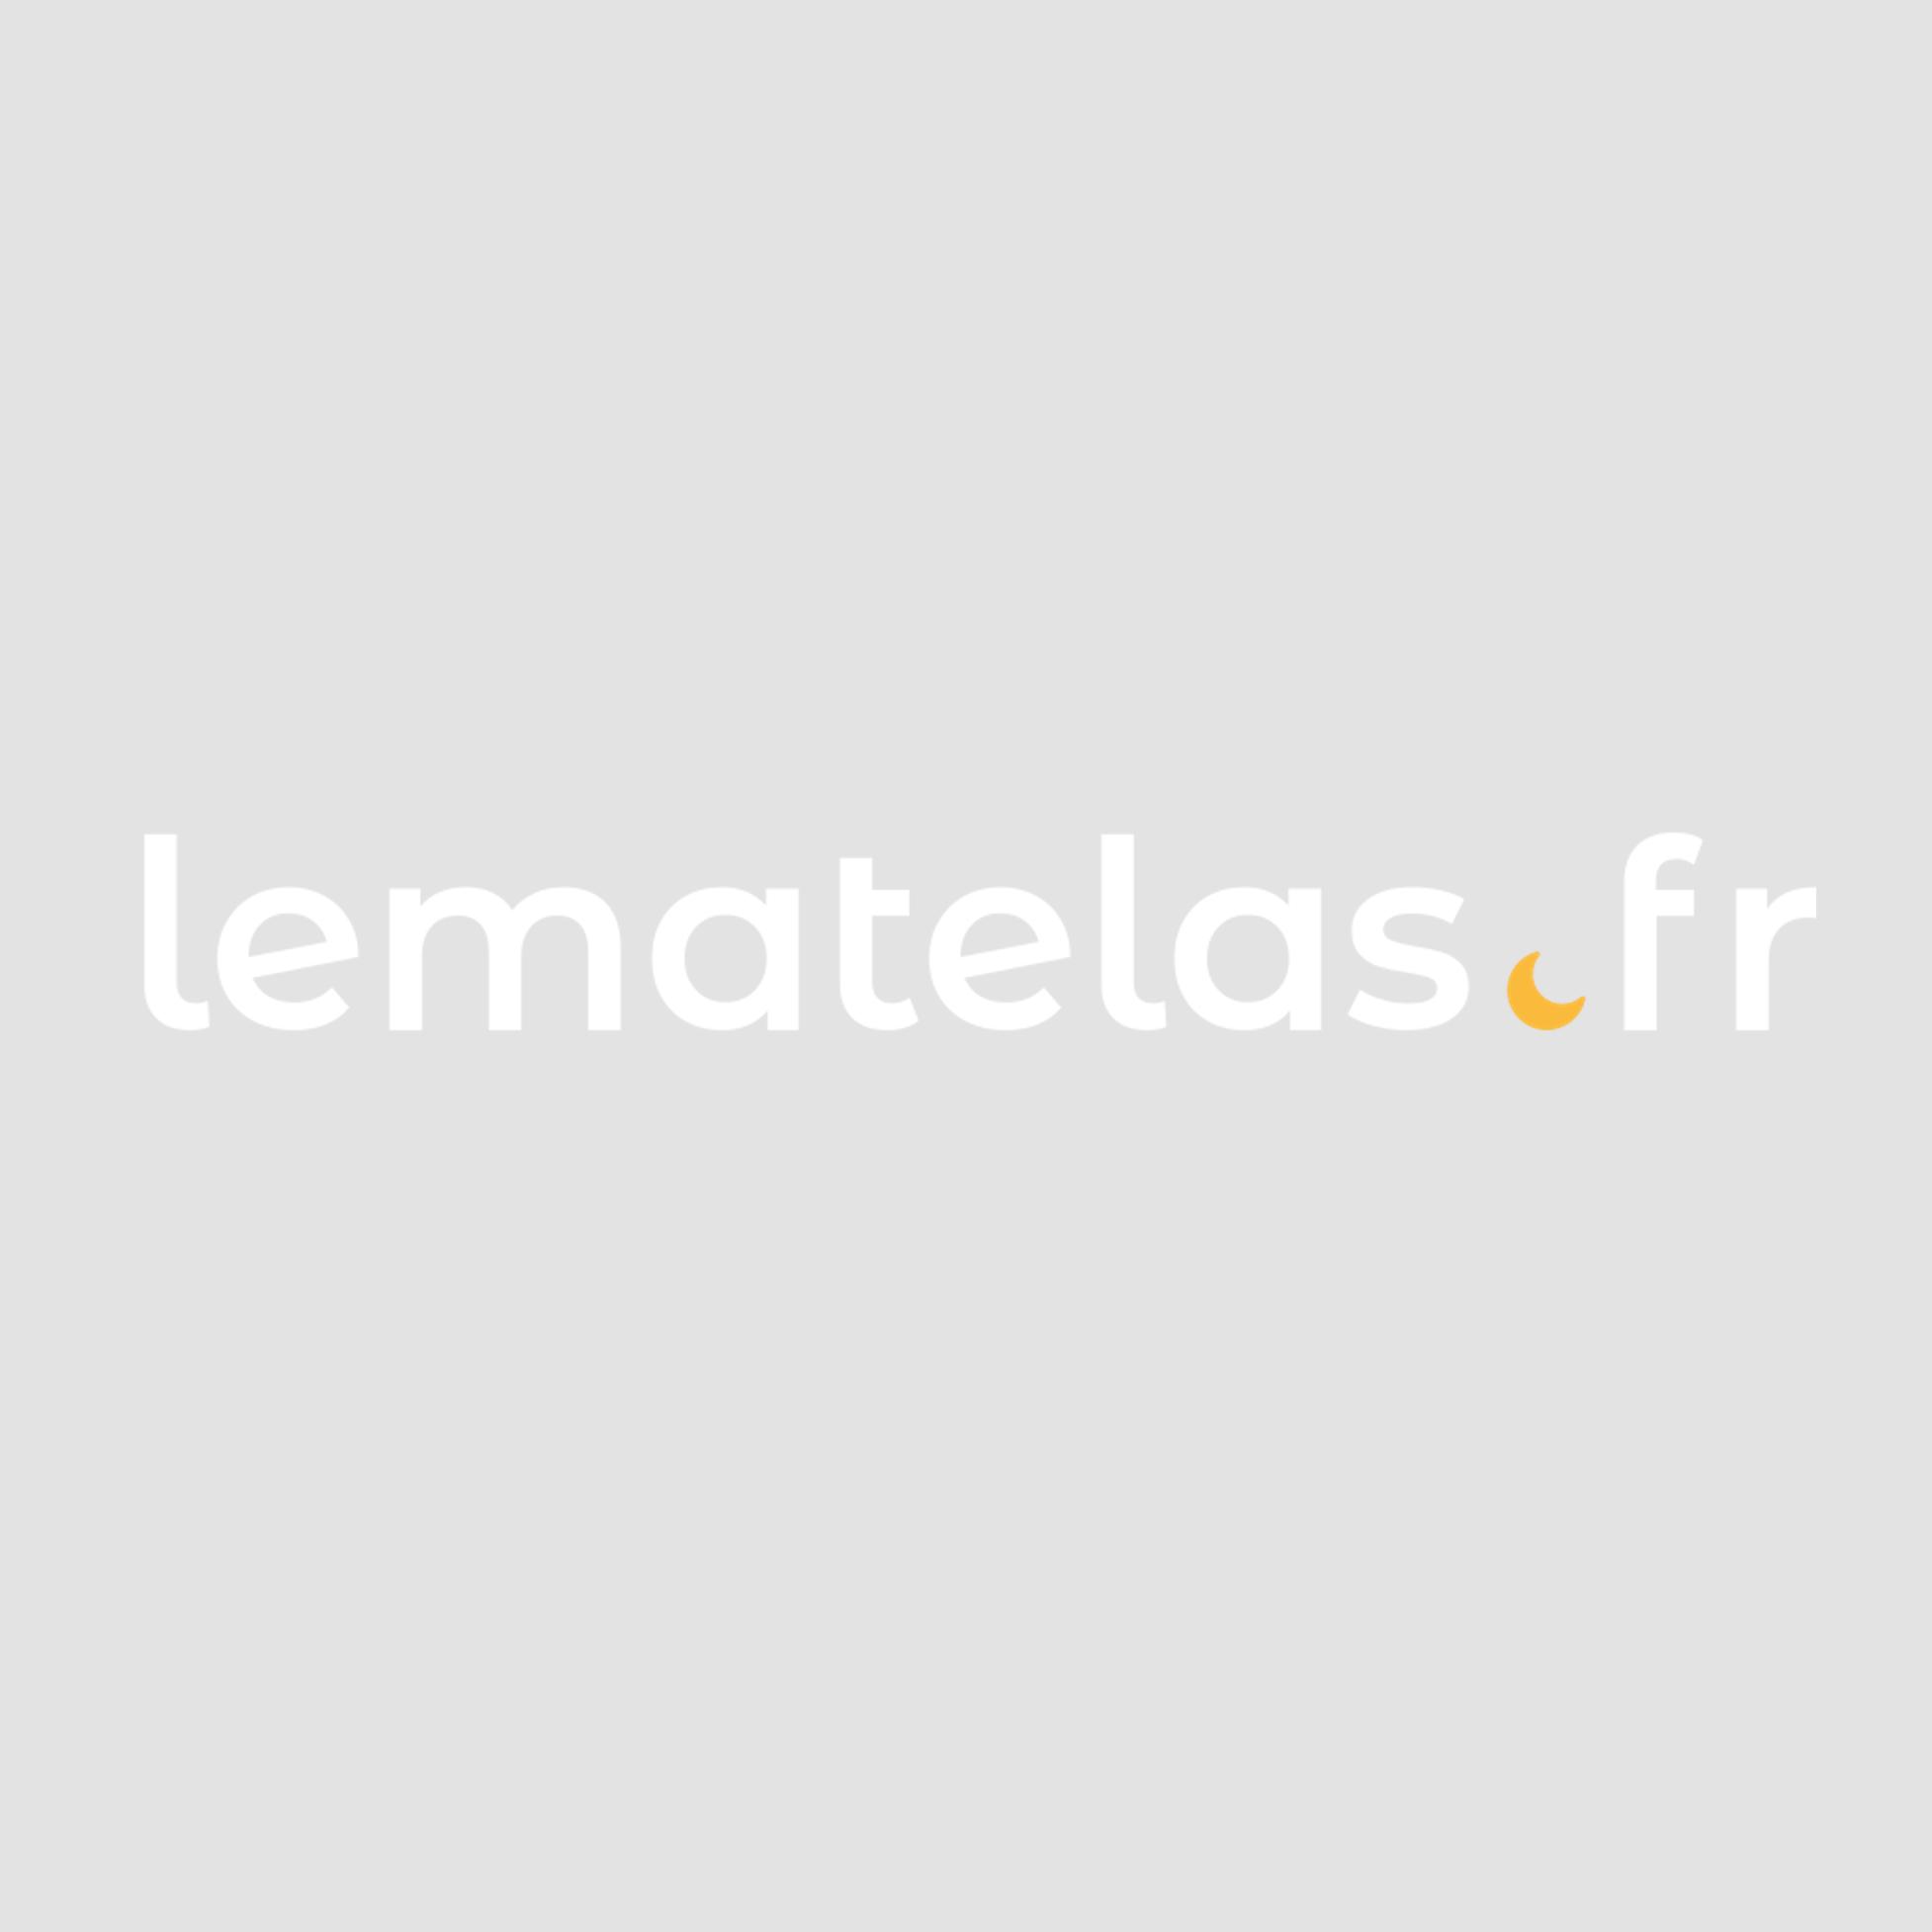 bureau d'angle en bois blanc et béton avec niche de rangement - bu6013